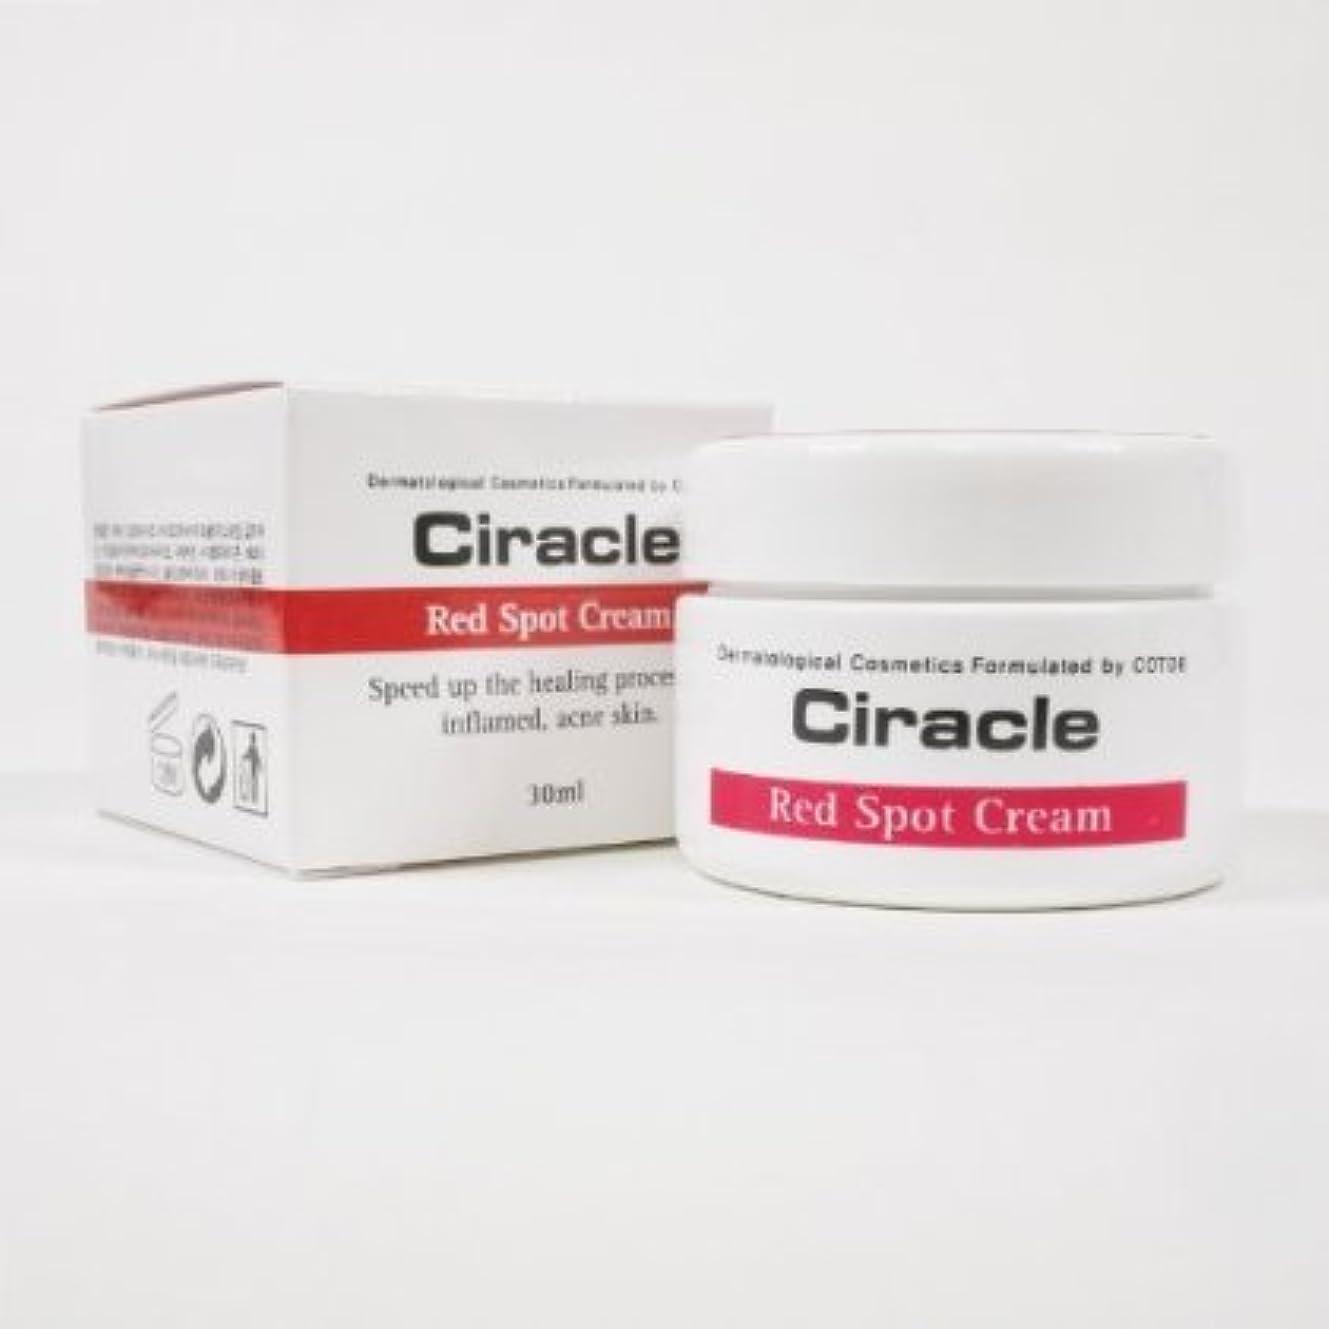 クリープ飾り羽呼吸Ciracle レッド スポット クリーム /Red Spot Cream (30ml )